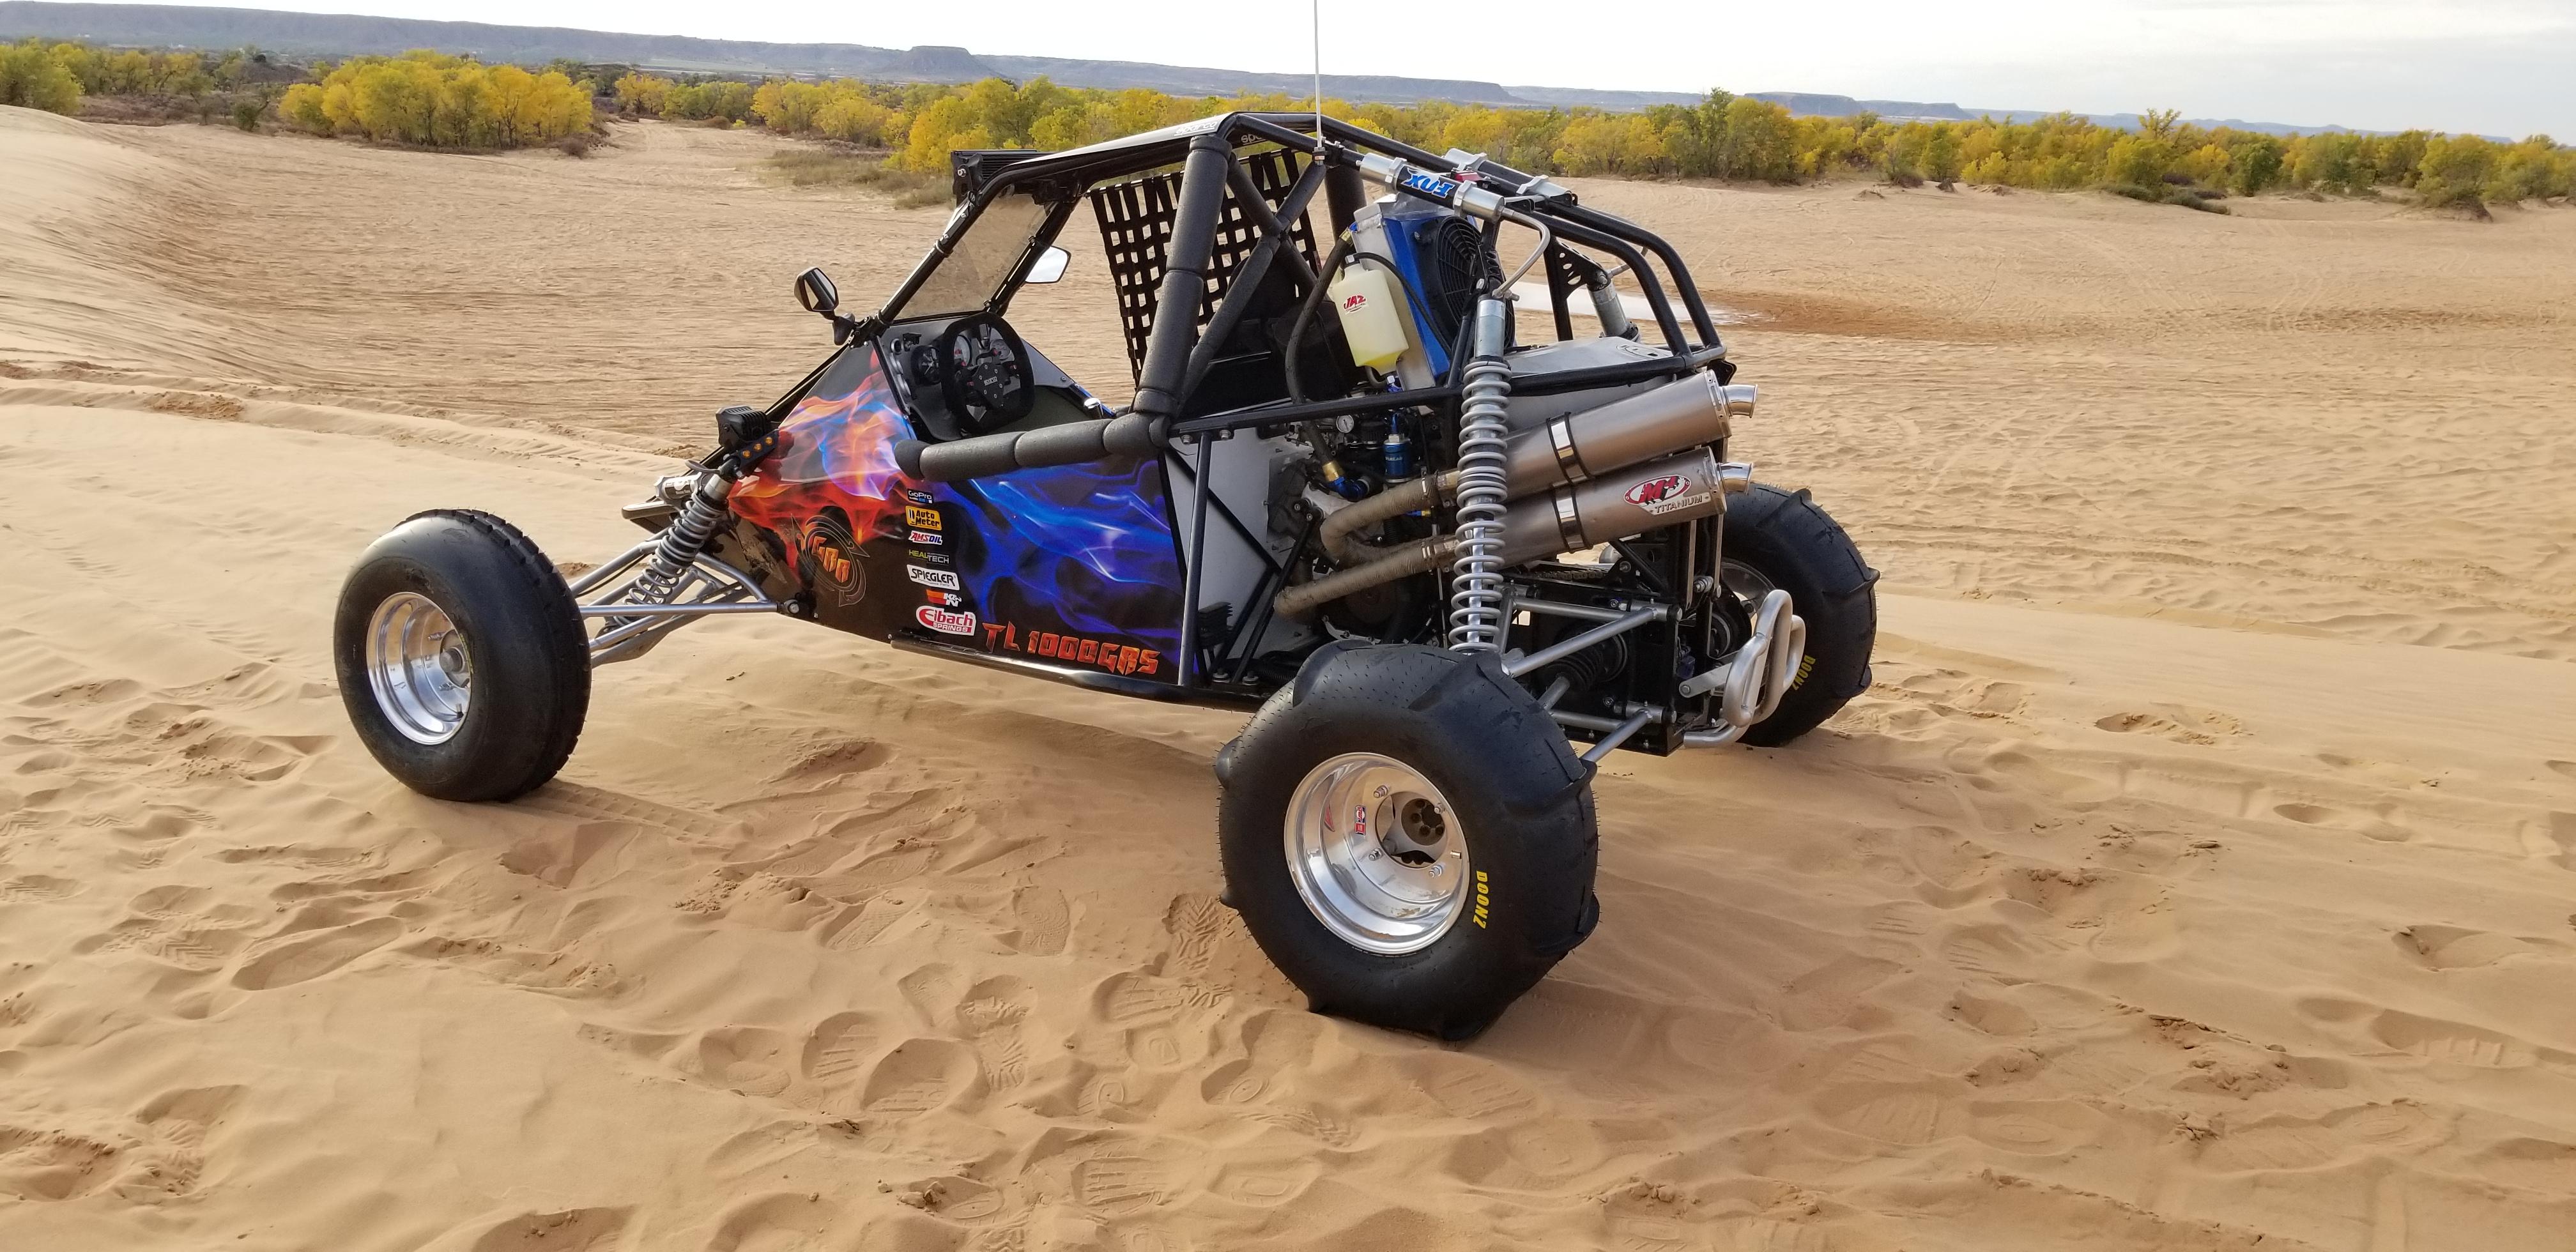 TL1000R Powered Mini Sand Rail-tl1000grs-top-dune.jpg